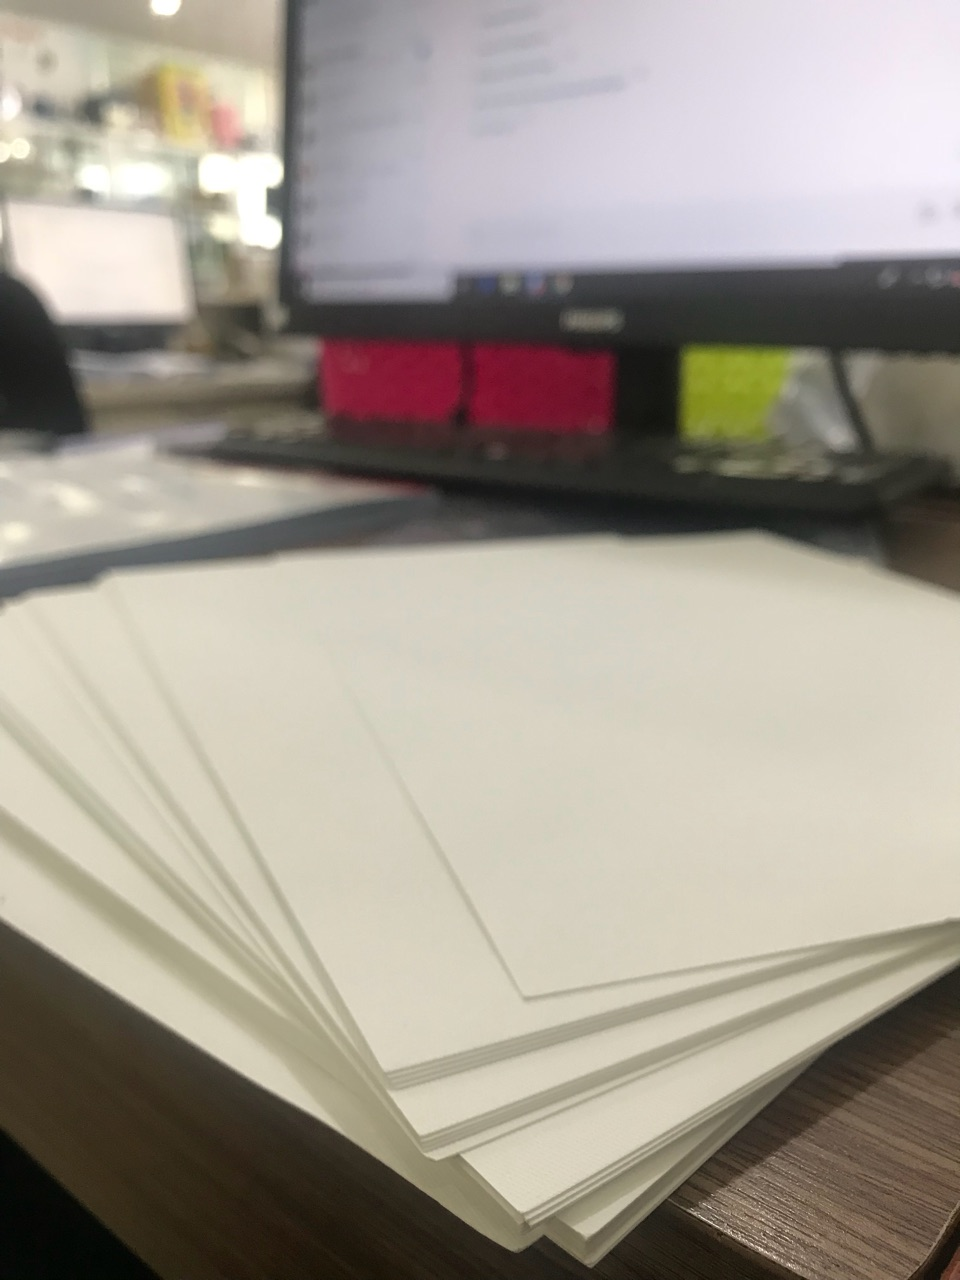 Các loại giấy in mỹ thuật có giá thành cao không phù hợp để lựa chọn in ấn tờ rơi vì sẽ phát sinh chi phí cao.